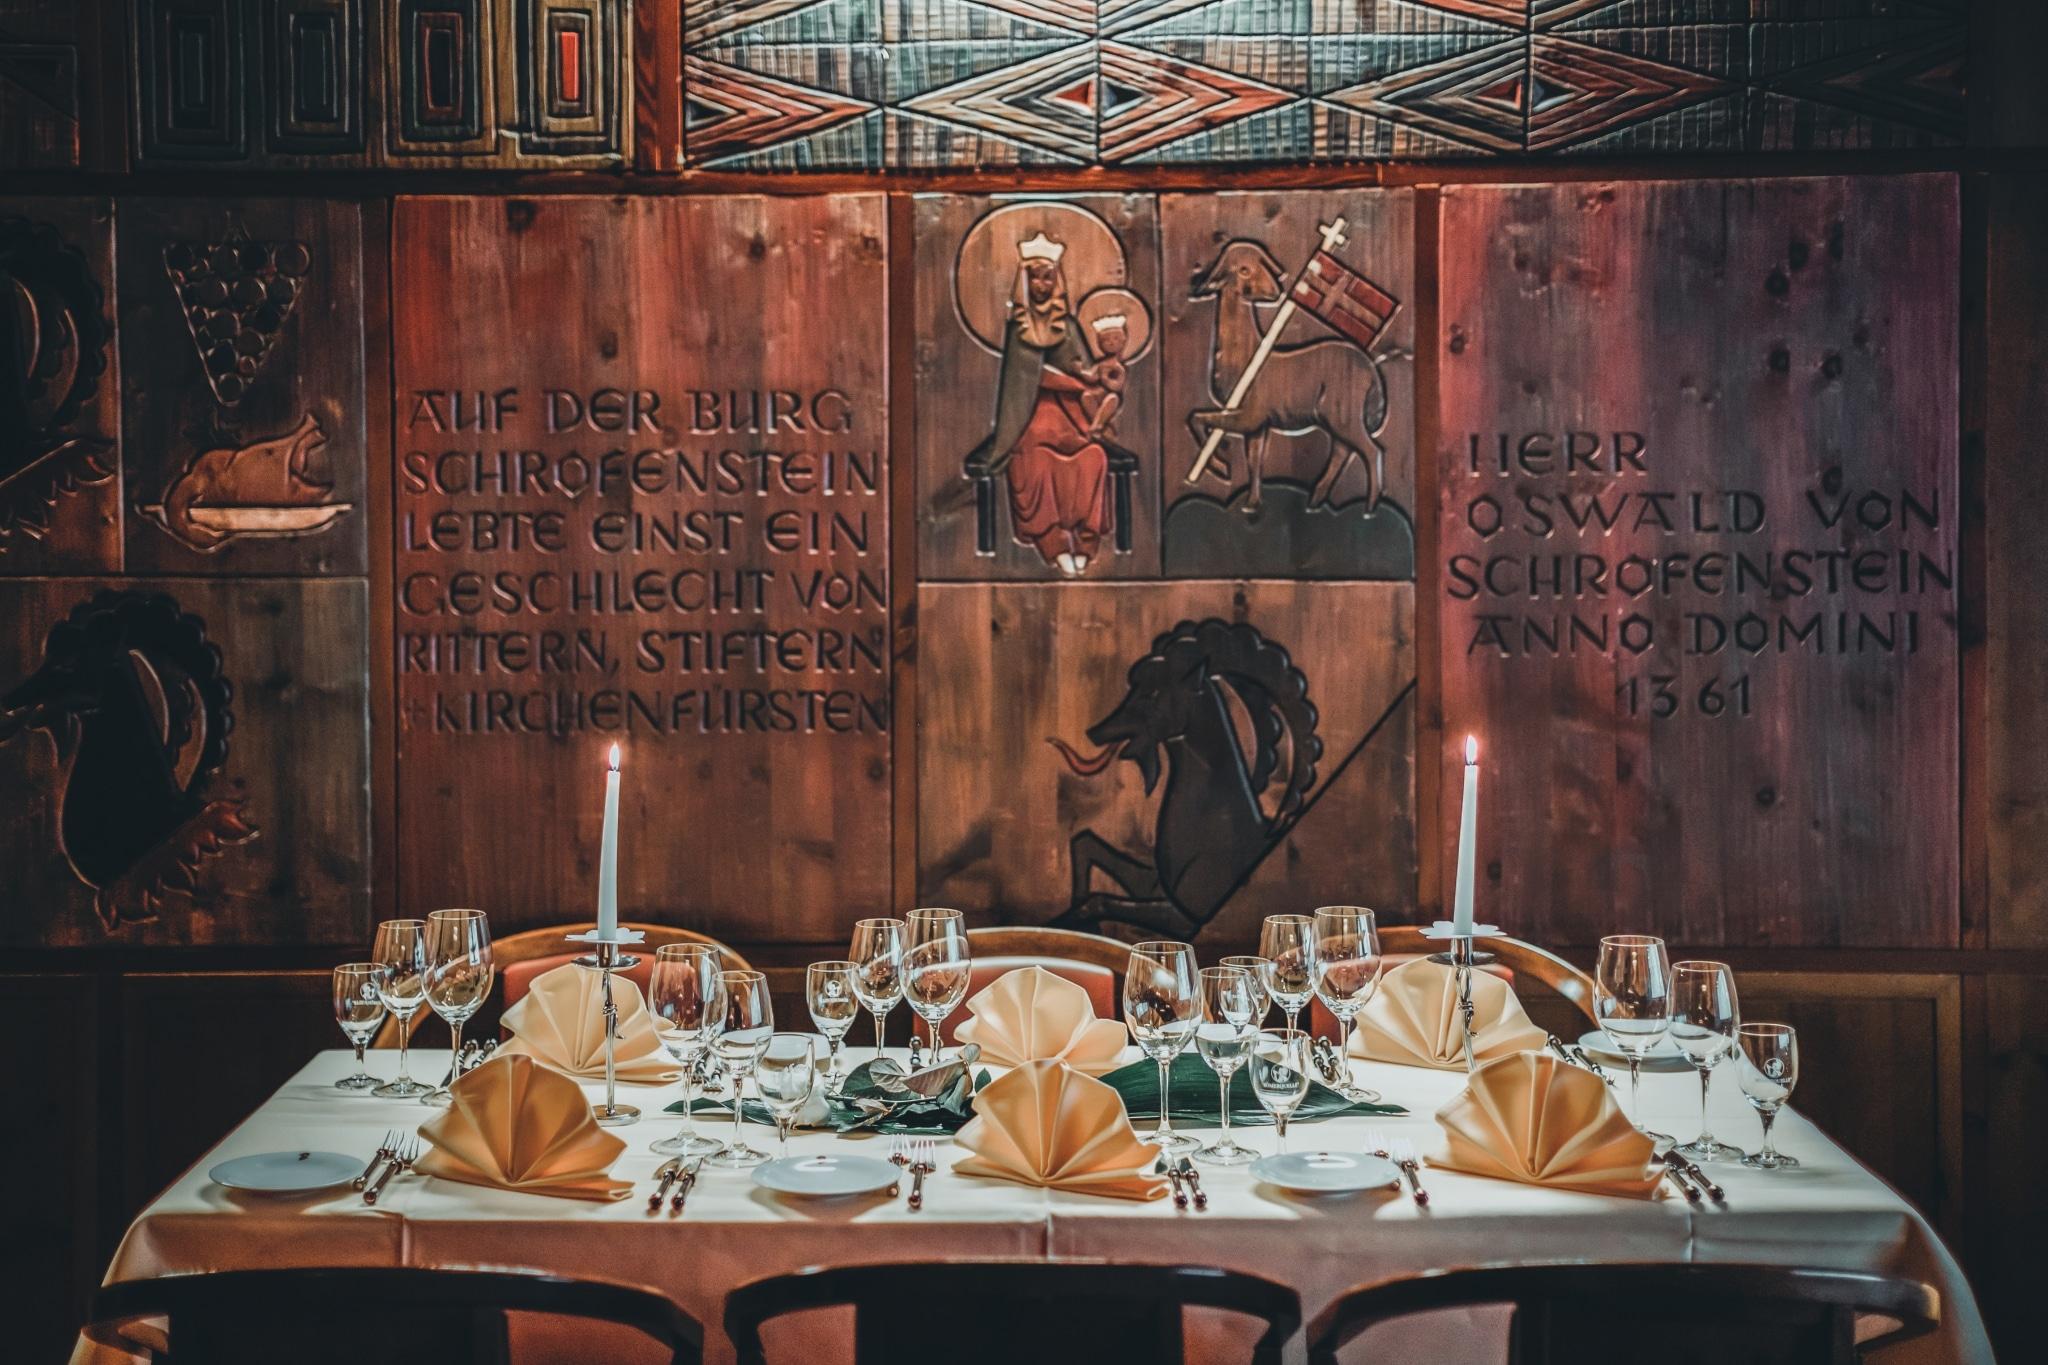 Veranstaltungen mit einem klassischen Tiroler Touch im Hotel Schrofenstein in Landeck